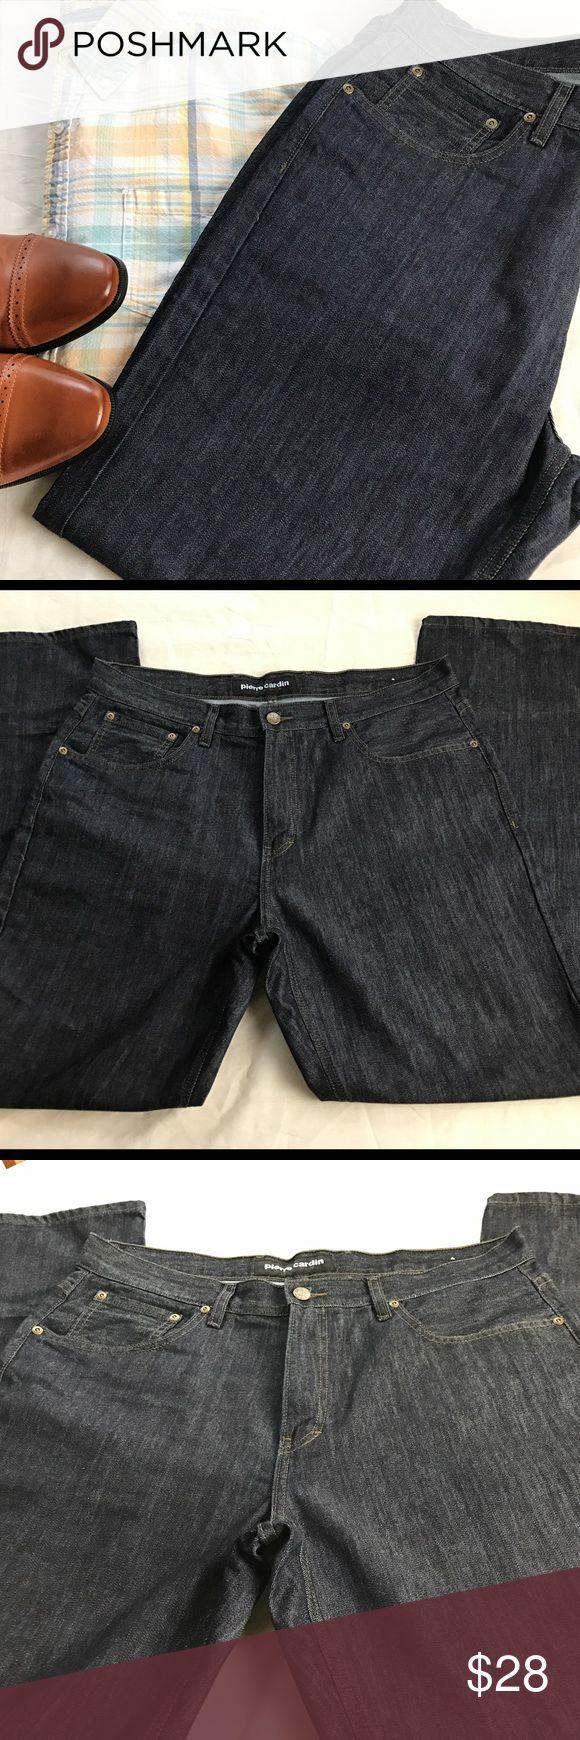 🎉HOST PICK🎉 Pierre Cardin Blue Jeans ✨Pierre Cardin Blue Jeans in size 38 in NEW condition ✨ Pierre Cardin Jeans Straight